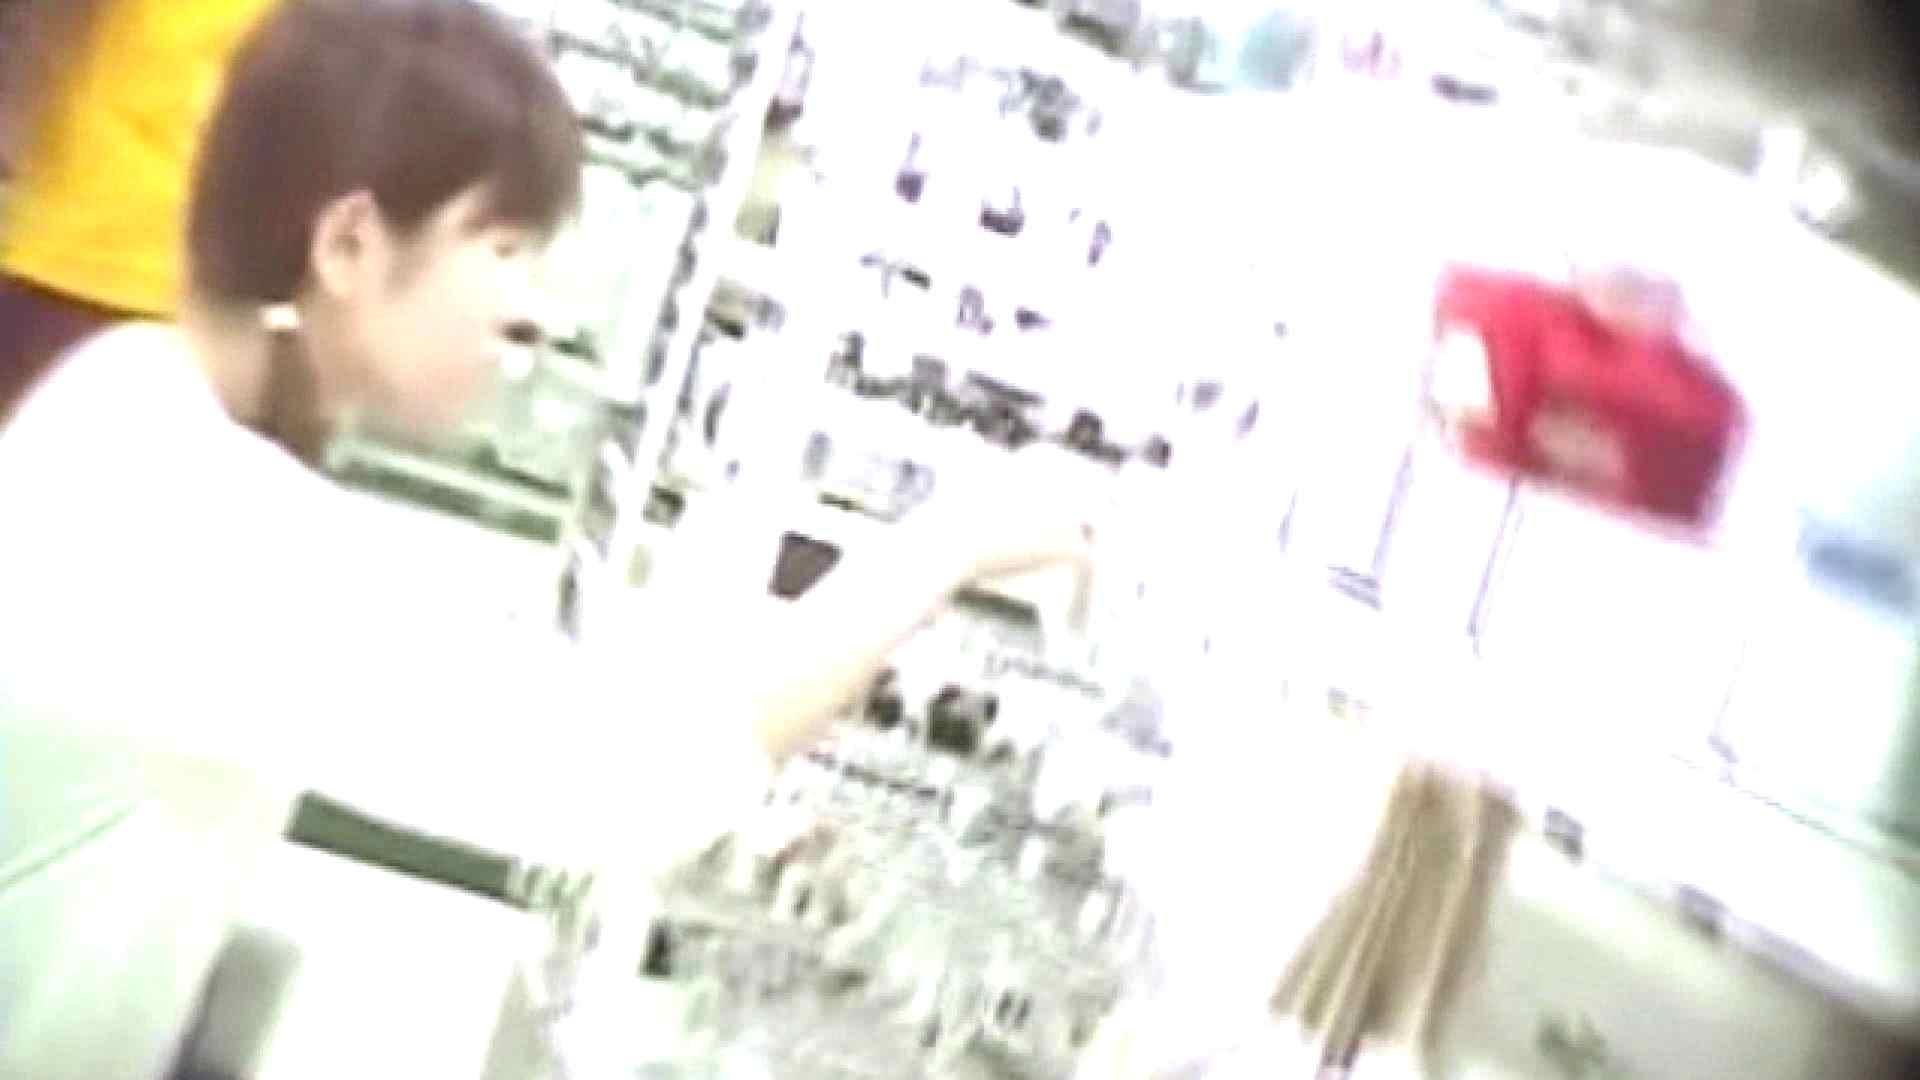 真剣に買い物中のgal達を上から下から狙います。vol.03 チラ系 ワレメ動画紹介 110pic 3